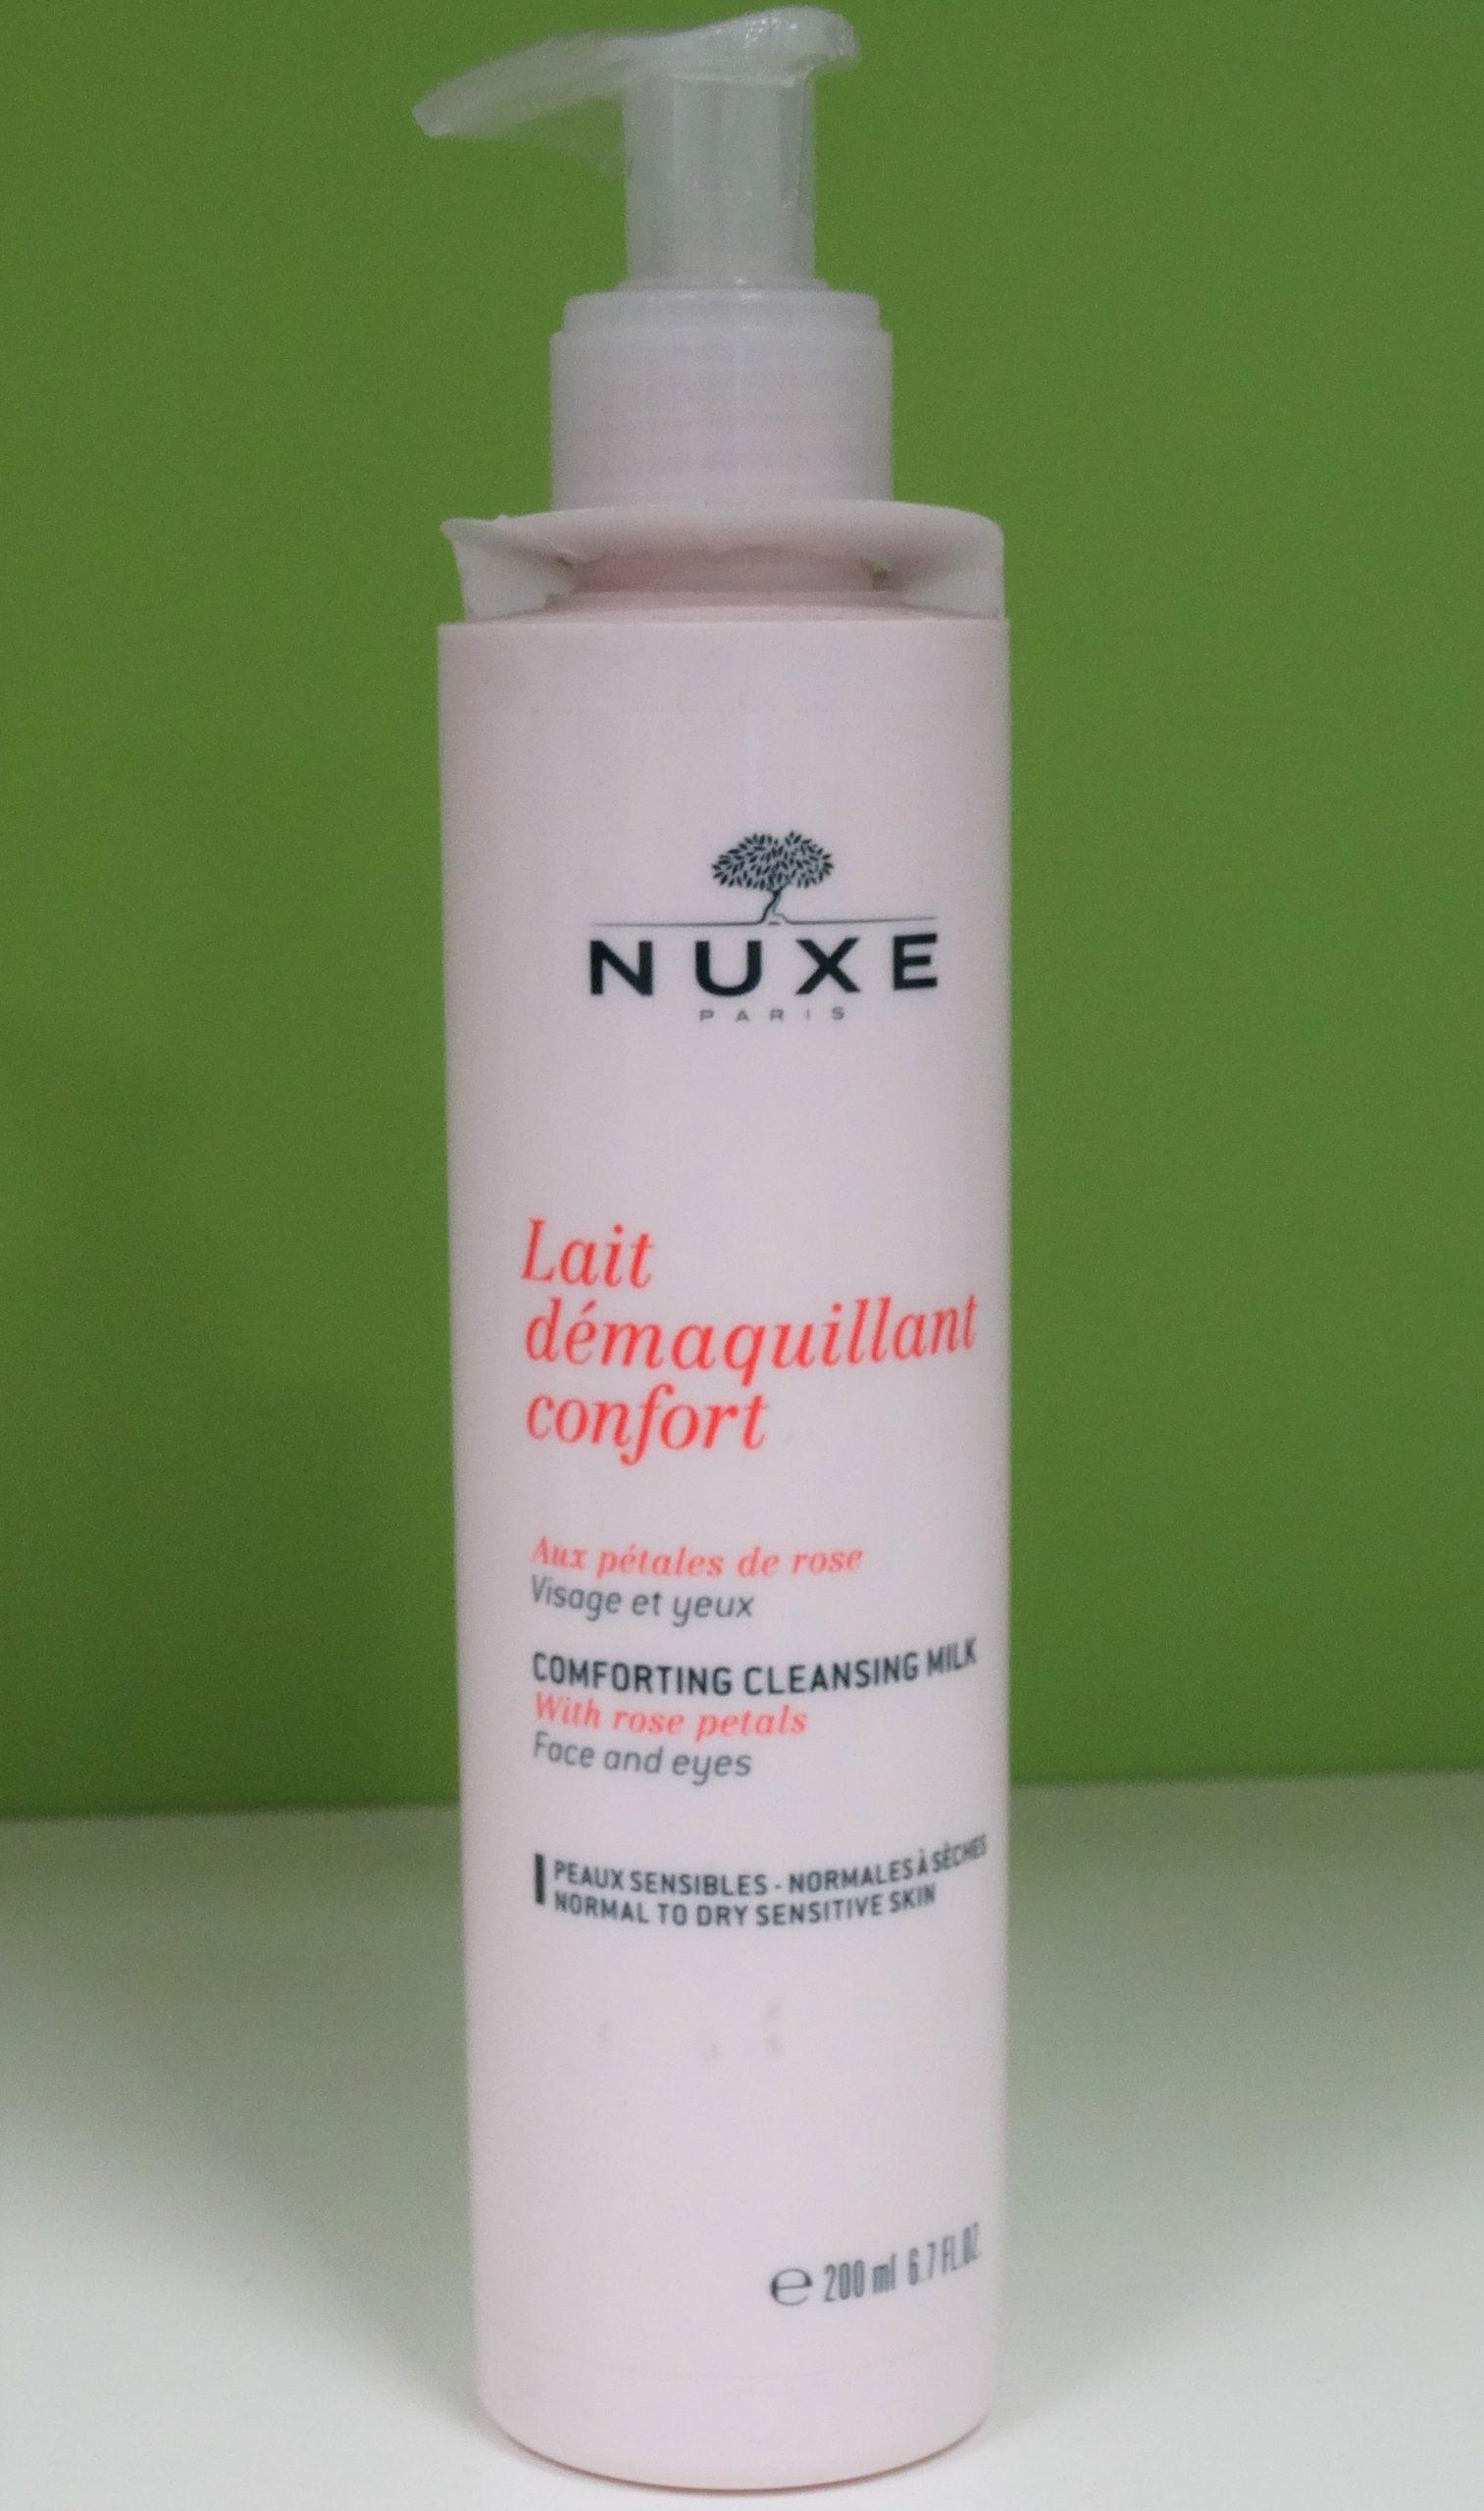 Nuxe Lait desmaquillante confort es una suave loción perfecta para conseguir una limpieza suave y delicada en las pieles más sensibles y vulnerables